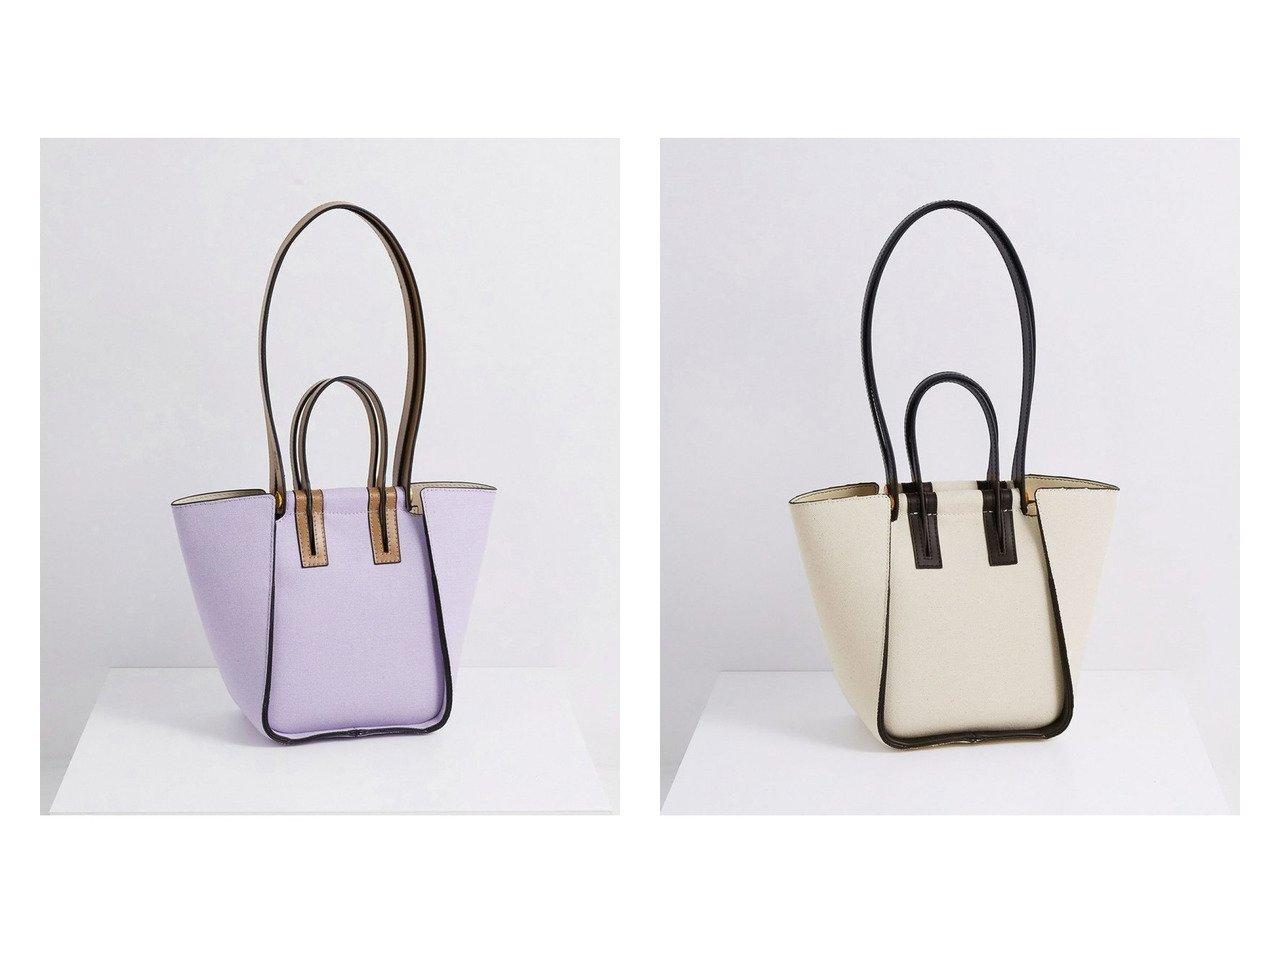 【E'POR/ロペ エポール】の【E POR】BUTTERFLY MINI バッグ・鞄のおすすめ!人気、トレンド・レディースファッションの通販 おすすめで人気の流行・トレンド、ファッションの通販商品 メンズファッション・キッズファッション・インテリア・家具・レディースファッション・服の通販 founy(ファニー) https://founy.com/ ファッション Fashion レディースファッション WOMEN コンビ シンプル ハンドバッグ フォルム ベーシック ポケット |ID:crp329100000015344